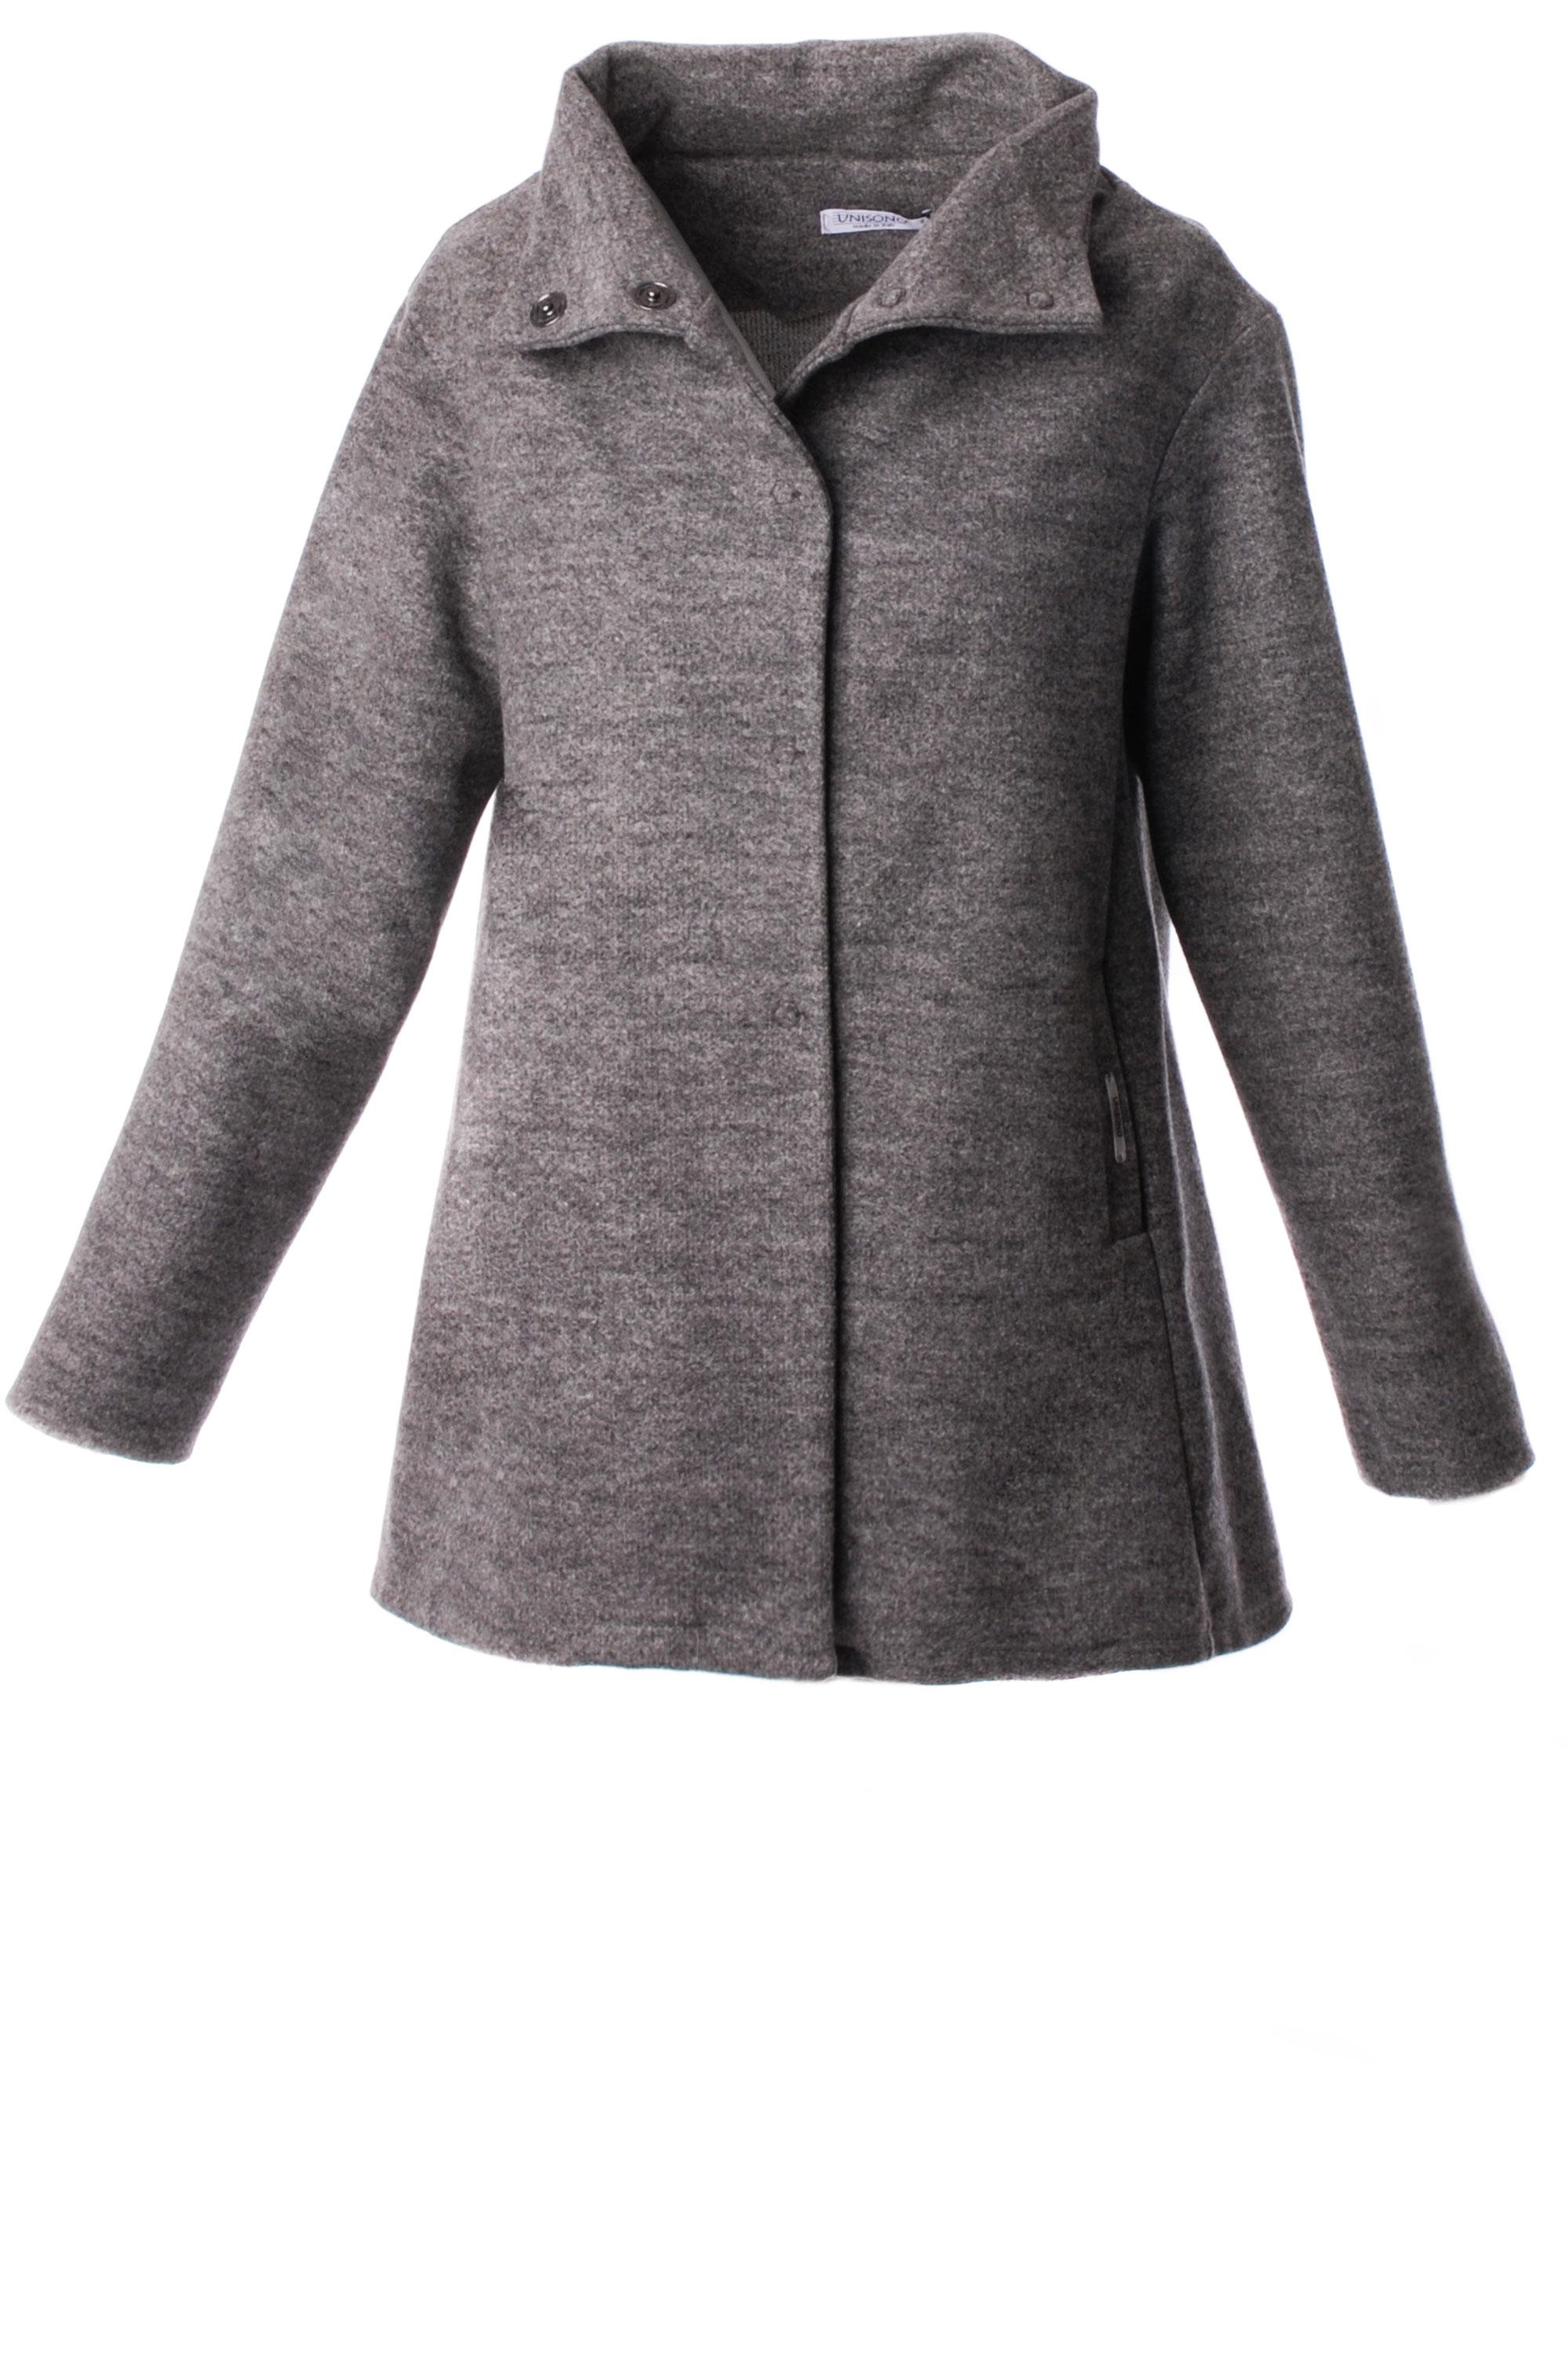 Płaszcz materiałowy - 34-3723 GRIGI - Unisono